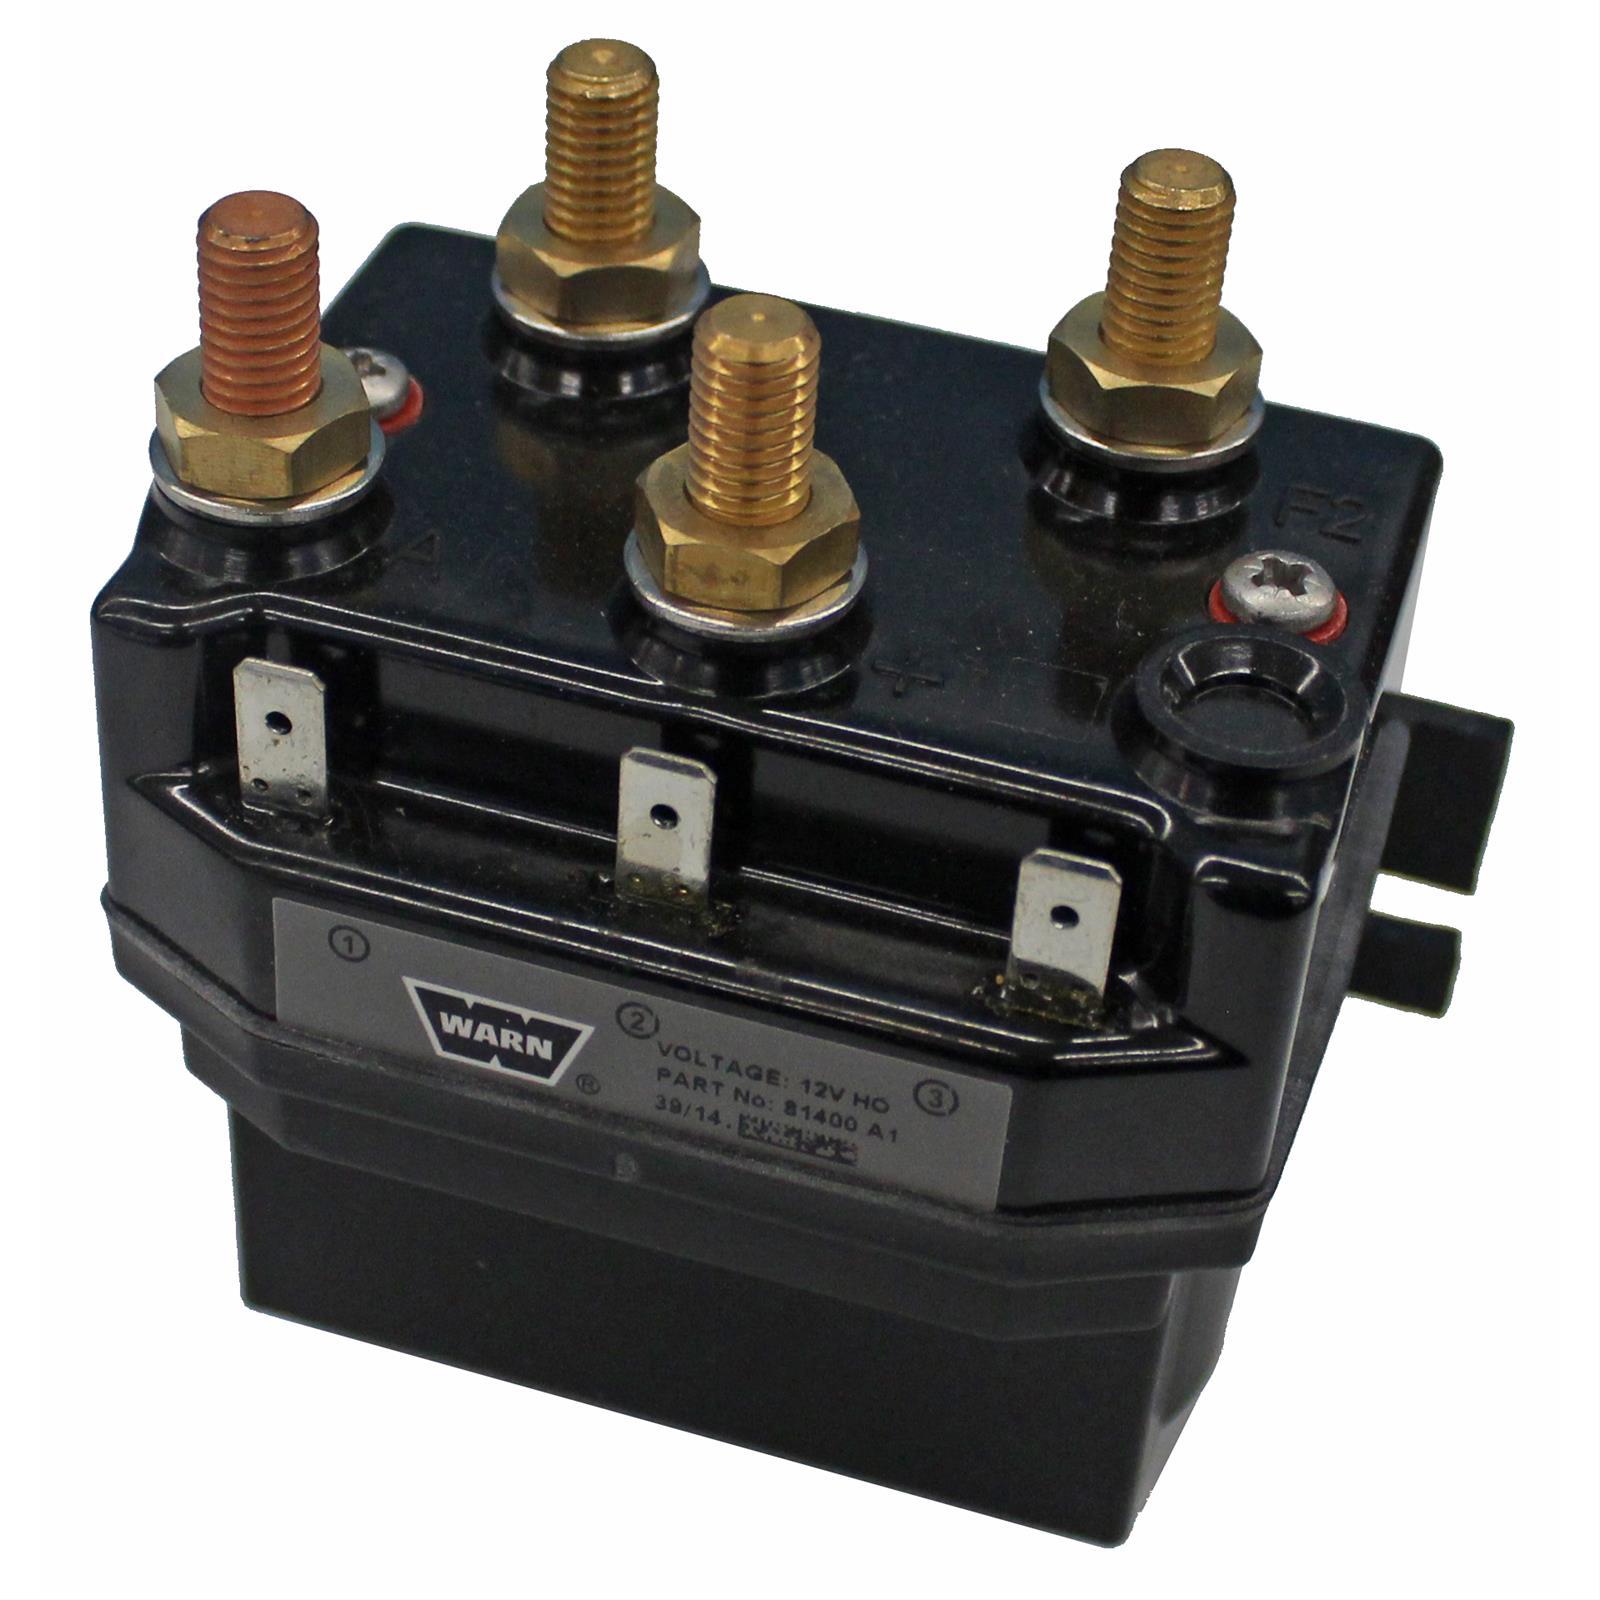 Warn 81400 Contactor Block Winch Replacement Part Zeon 8